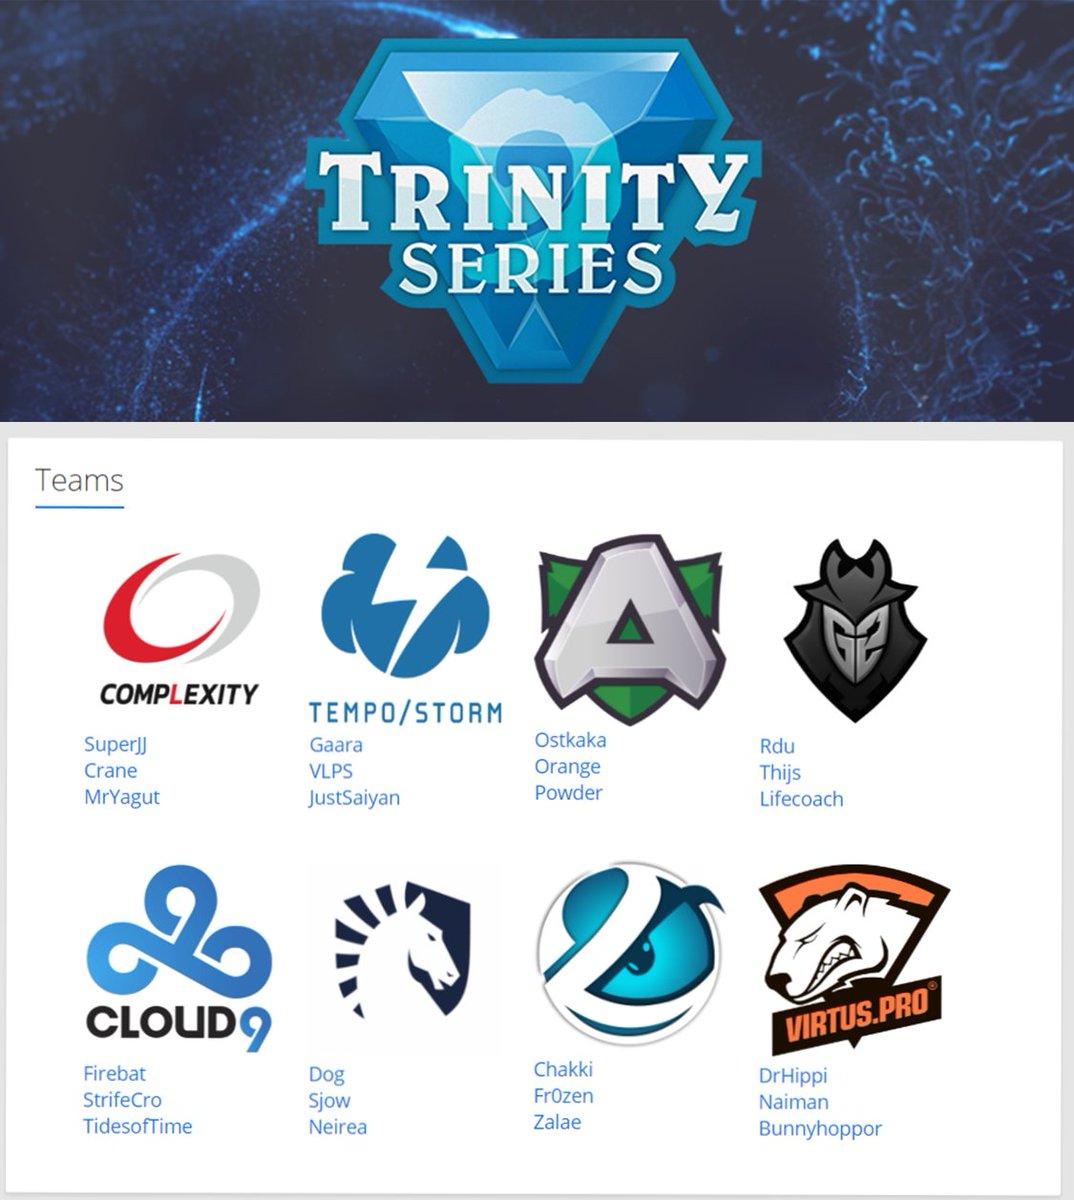 日本時間1月19日午前3時よりチーム対抗の「Hearthstone Trinity Series」が始まります初戦はG2